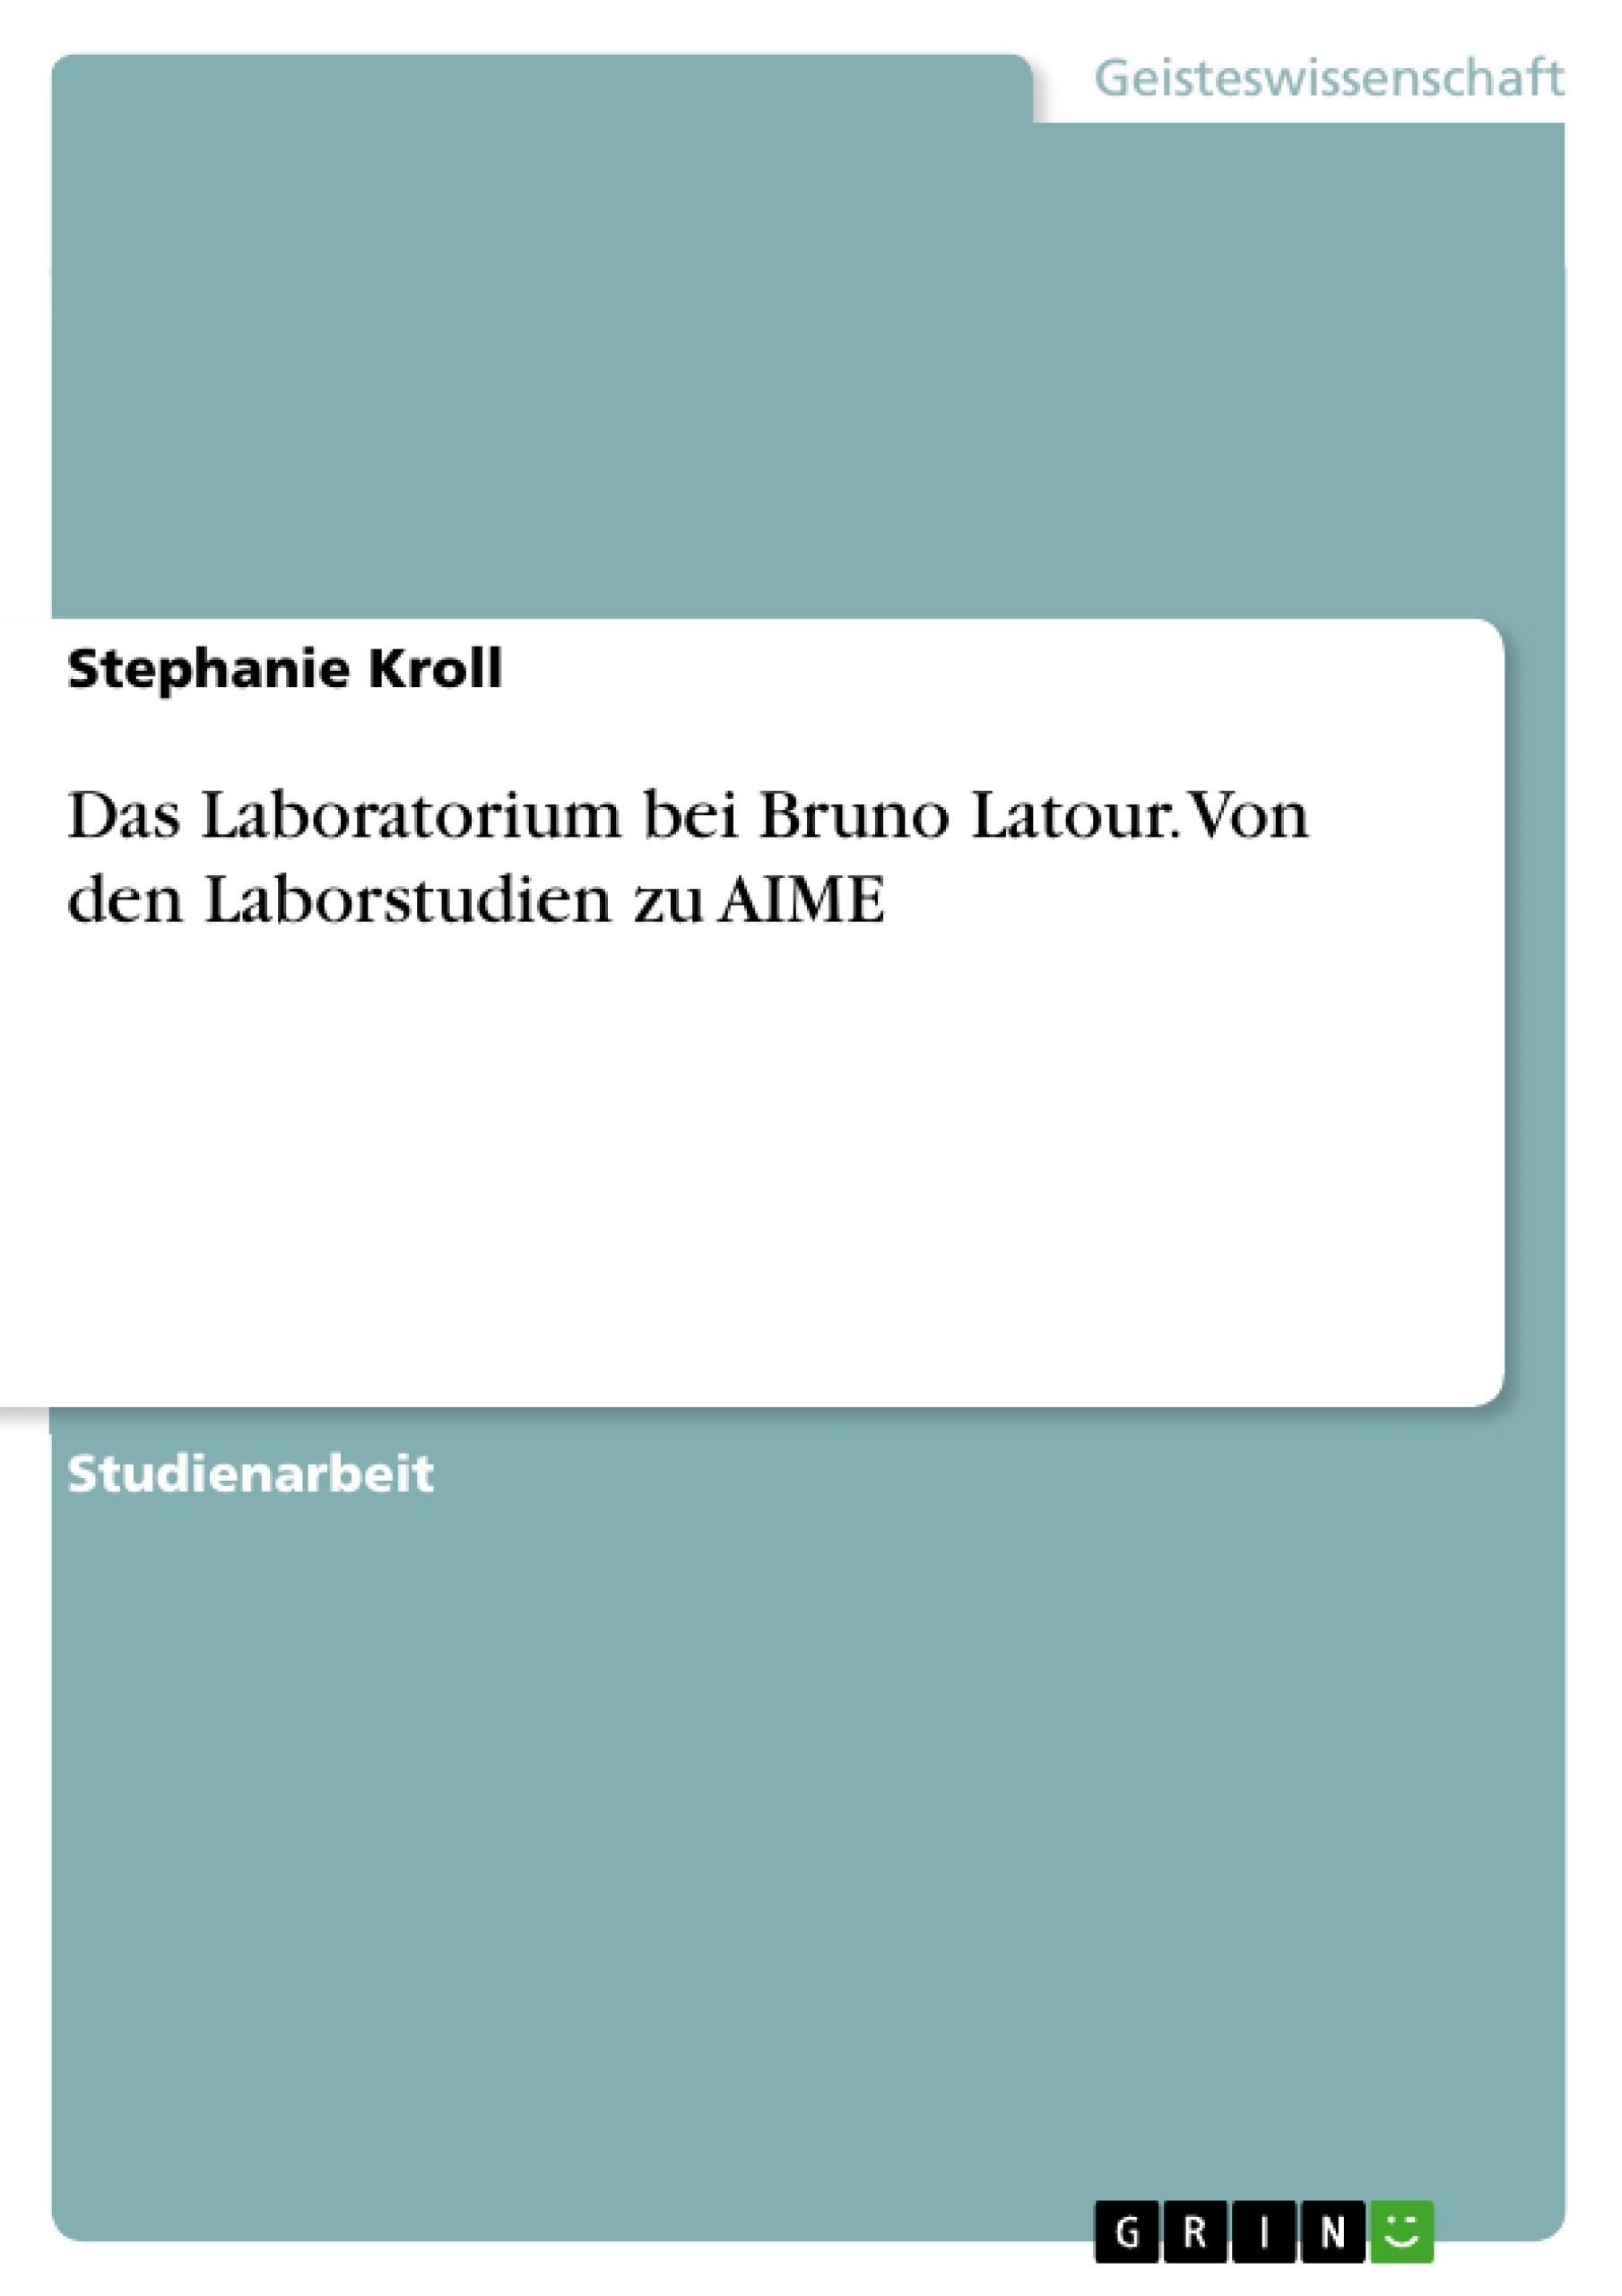 Titel: Das Laboratorium bei Bruno Latour. Von den Laborstudien zu AIME